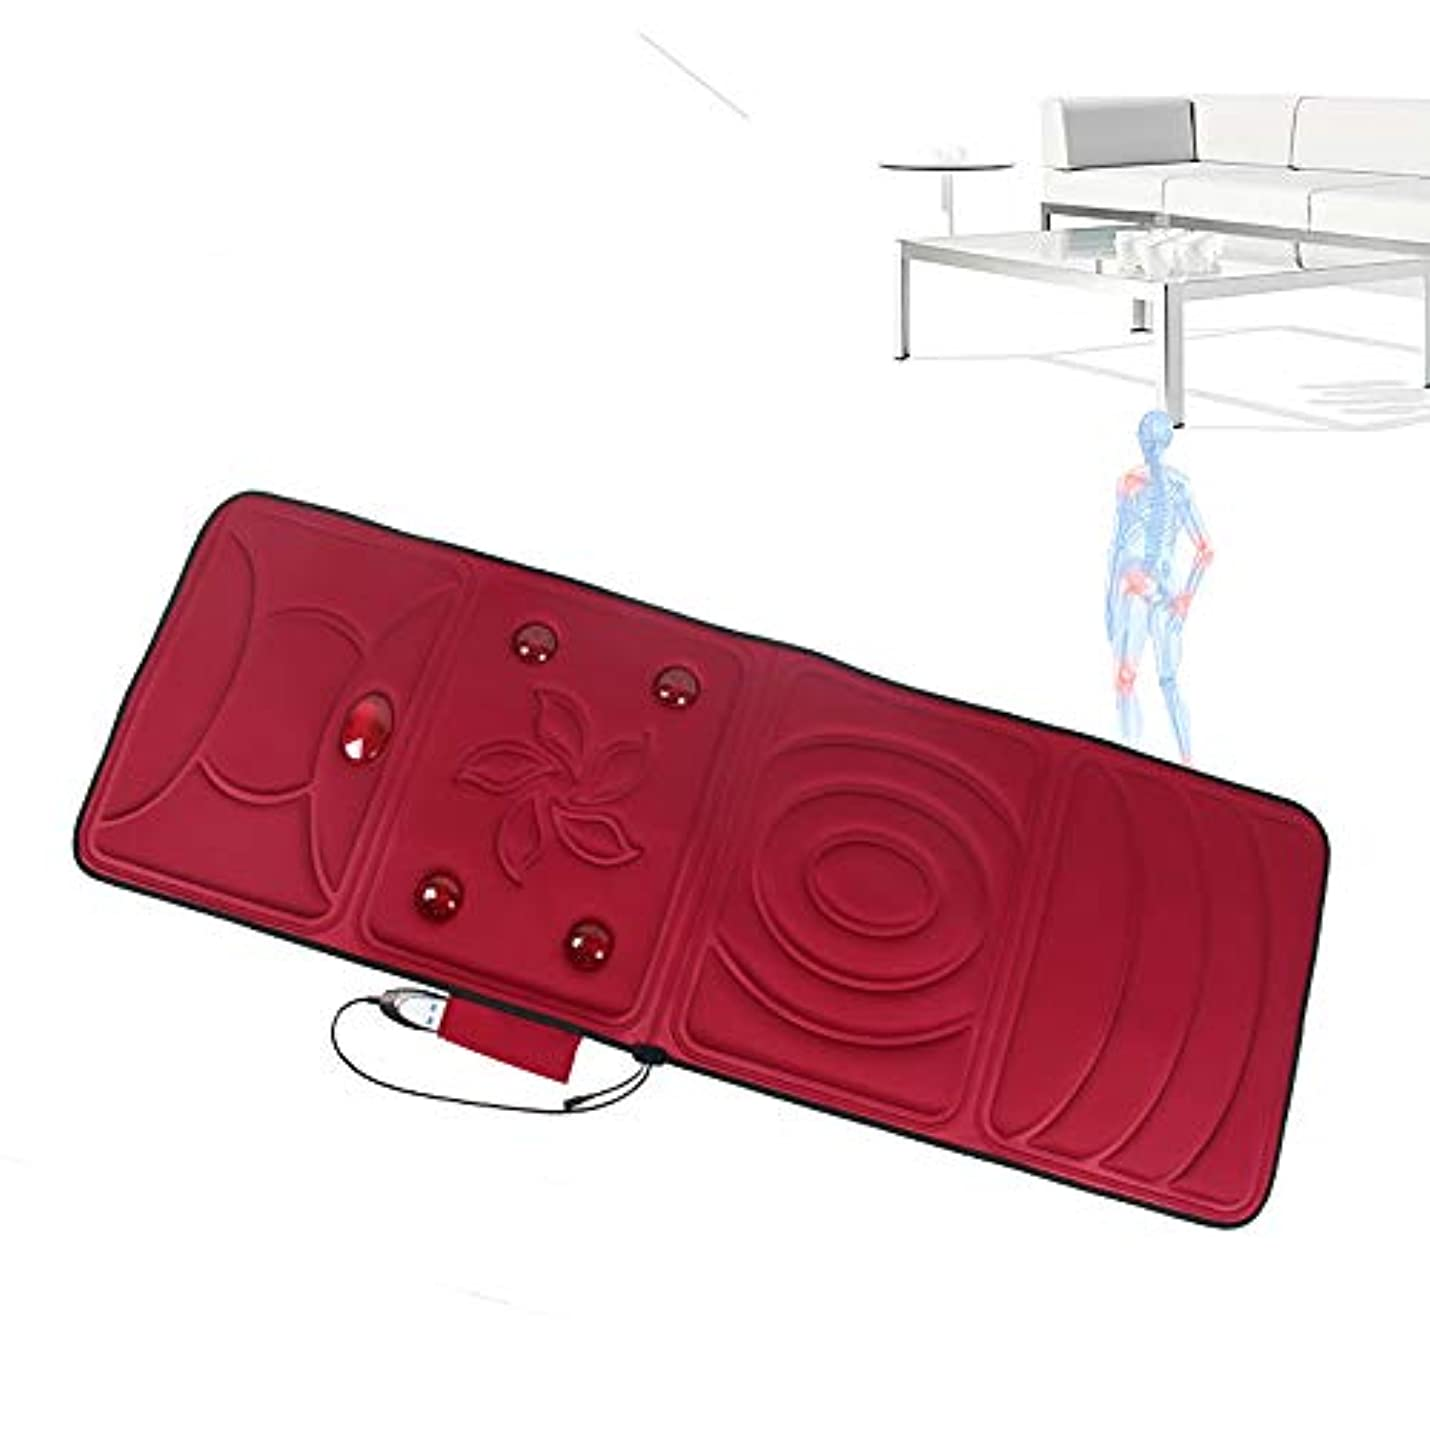 キモい知覚する挨拶全身加熱マッサージマットレスマットレス暖房パッドフラットバック熱療法マッサージフロアチェアまたはベッドシンプルRemoteElectricマッサージマットレスホームシンプル折りたたみ式デザイン,赤